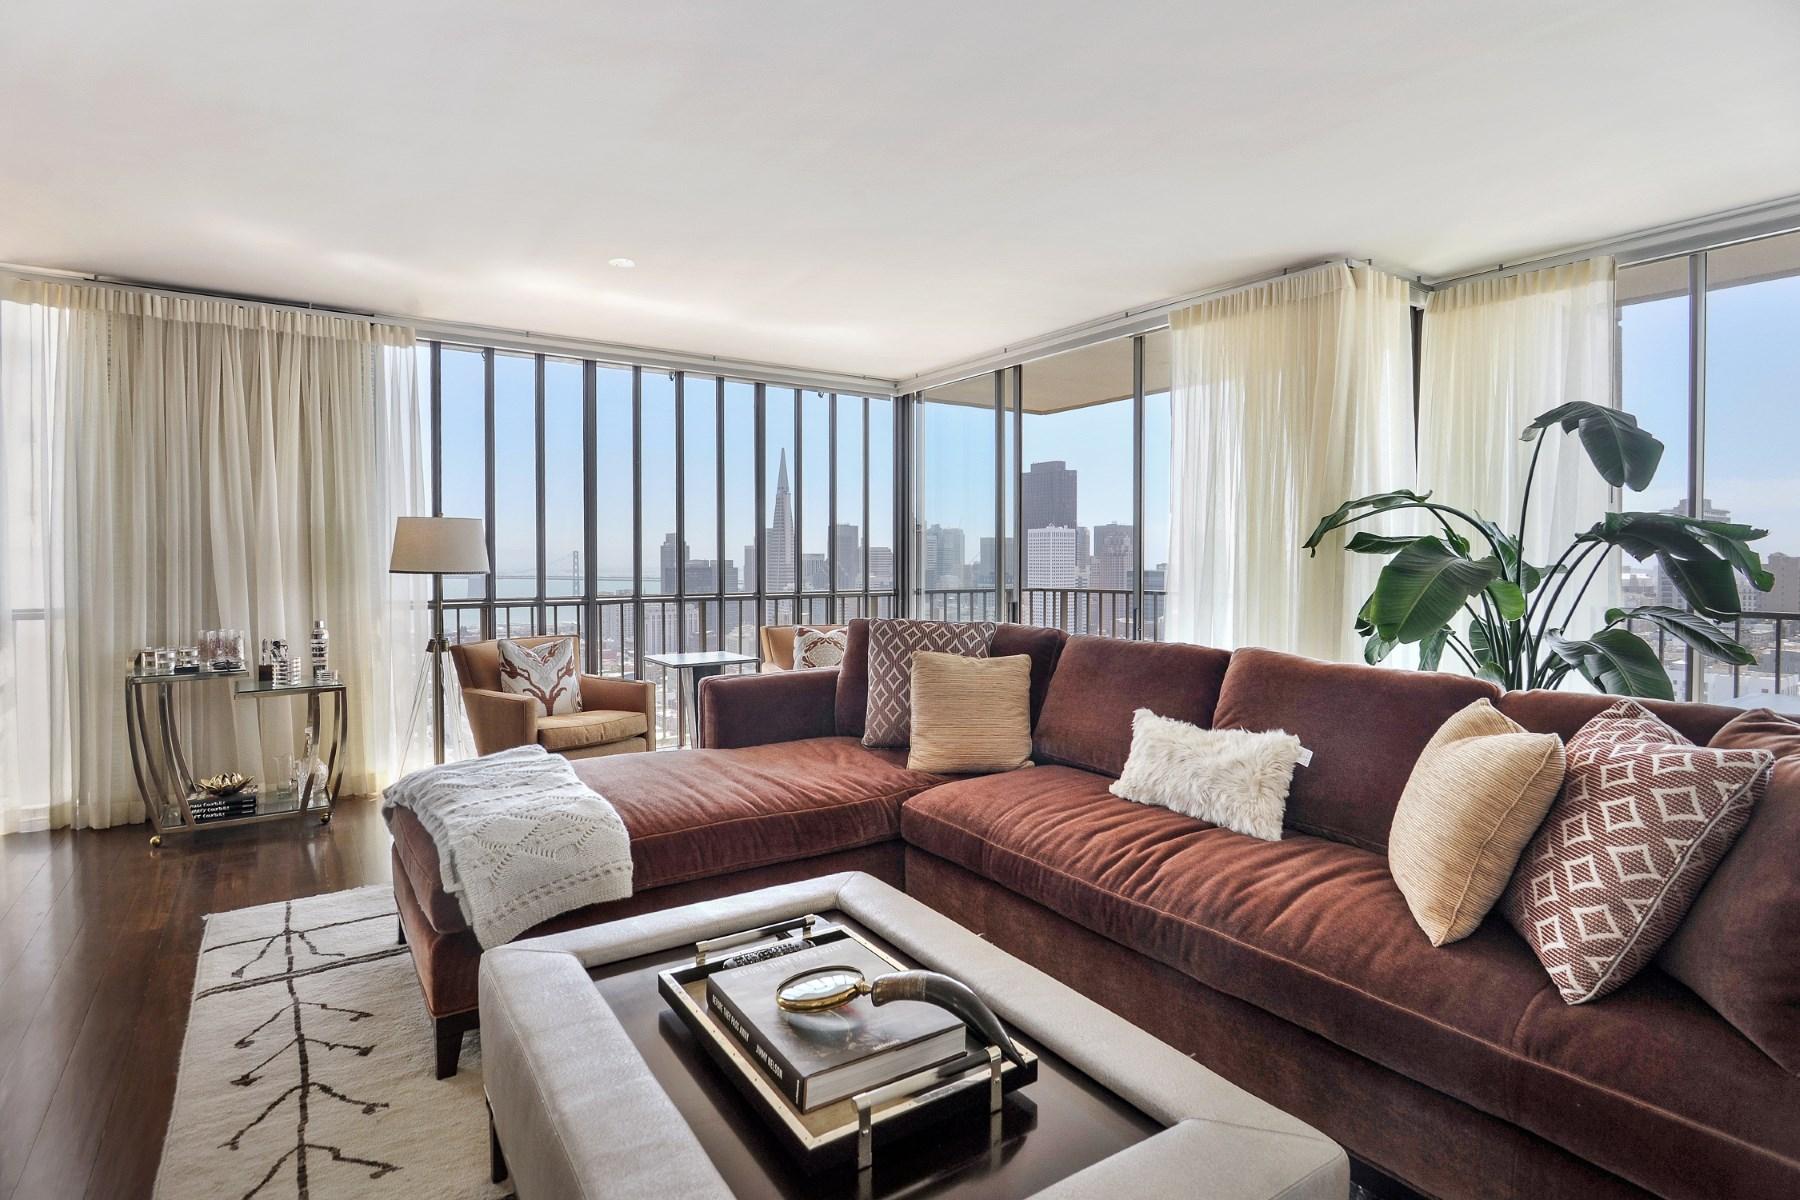 Condominium for Sale at Contemporary Russian Hill View Condo 999 Green St Apt 1704 Russian Hill, San Francisco, California, 94133 United States